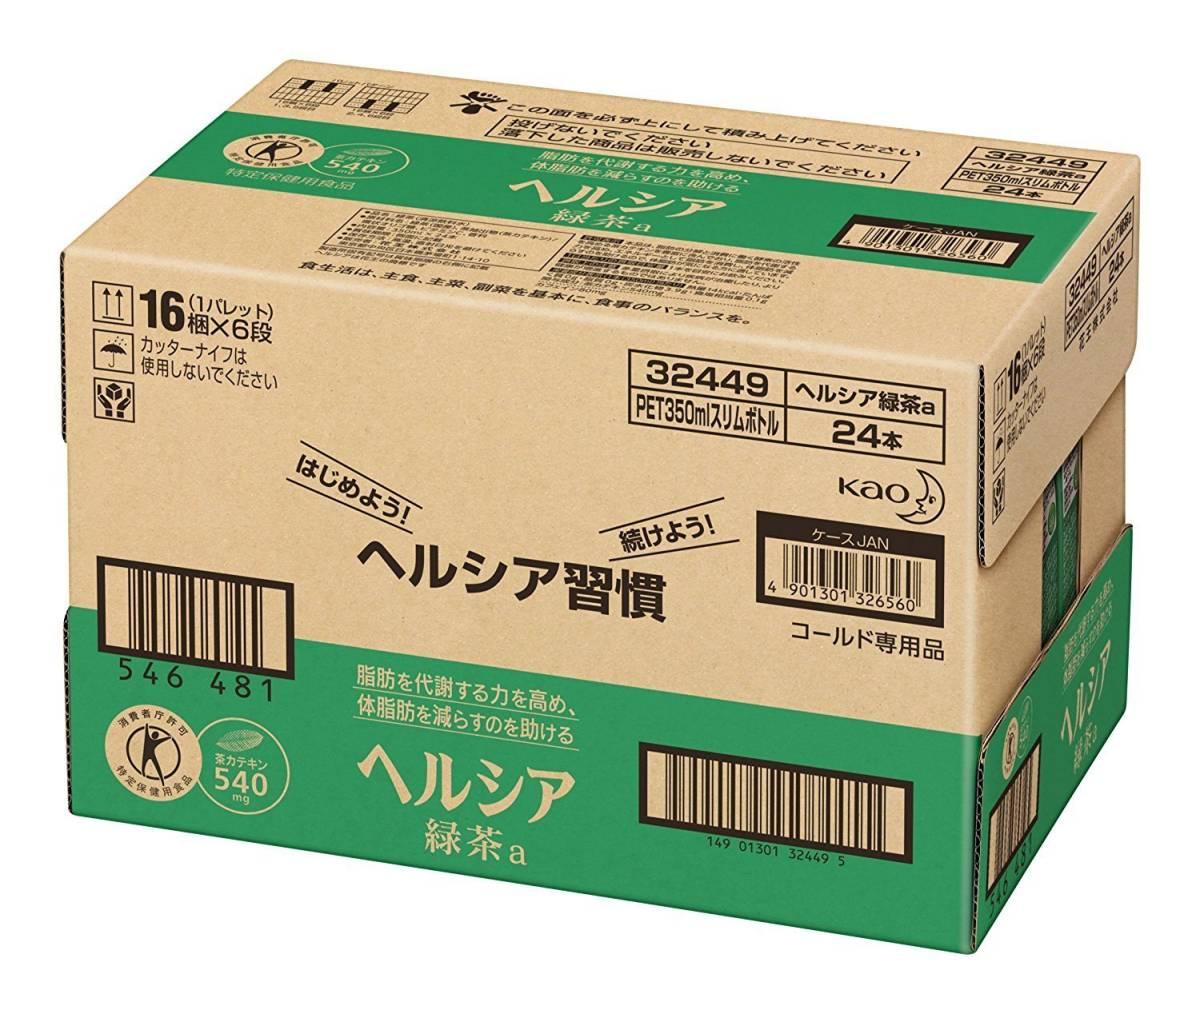 [トクホ]ヘルシア 緑茶 スリムボトル 350ml×1ケース(24本入)_画像3